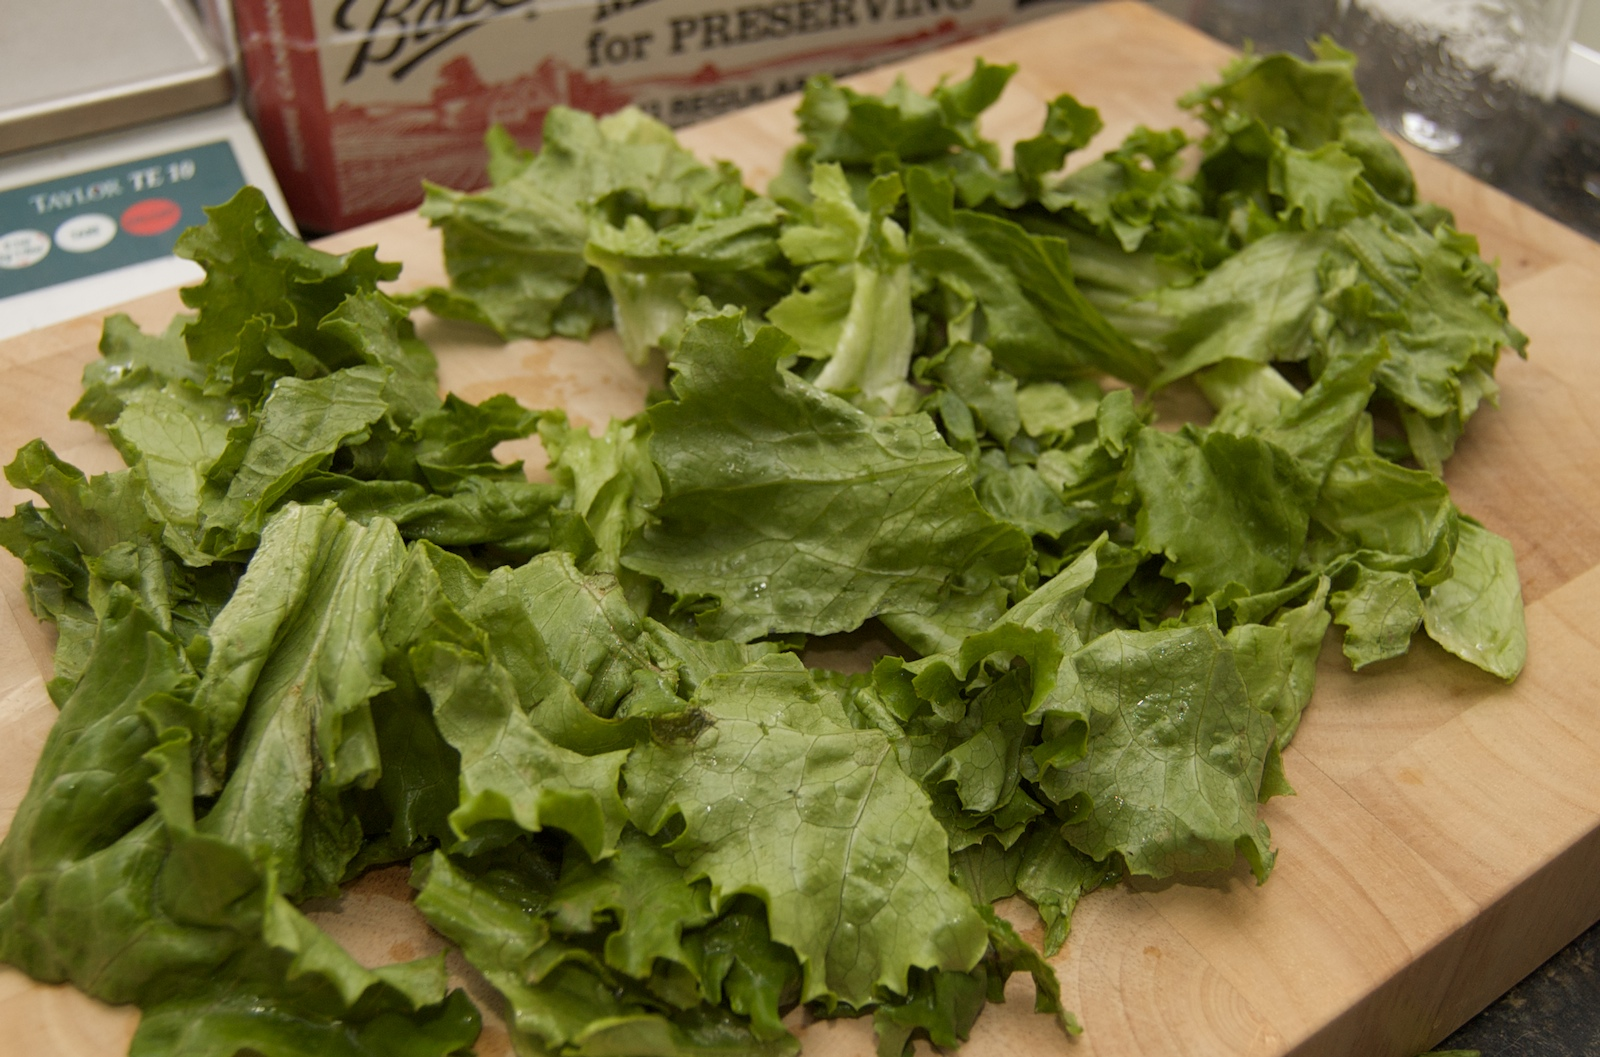 http://blog.rickk.com/food/2010/04/08/salad2.jpg